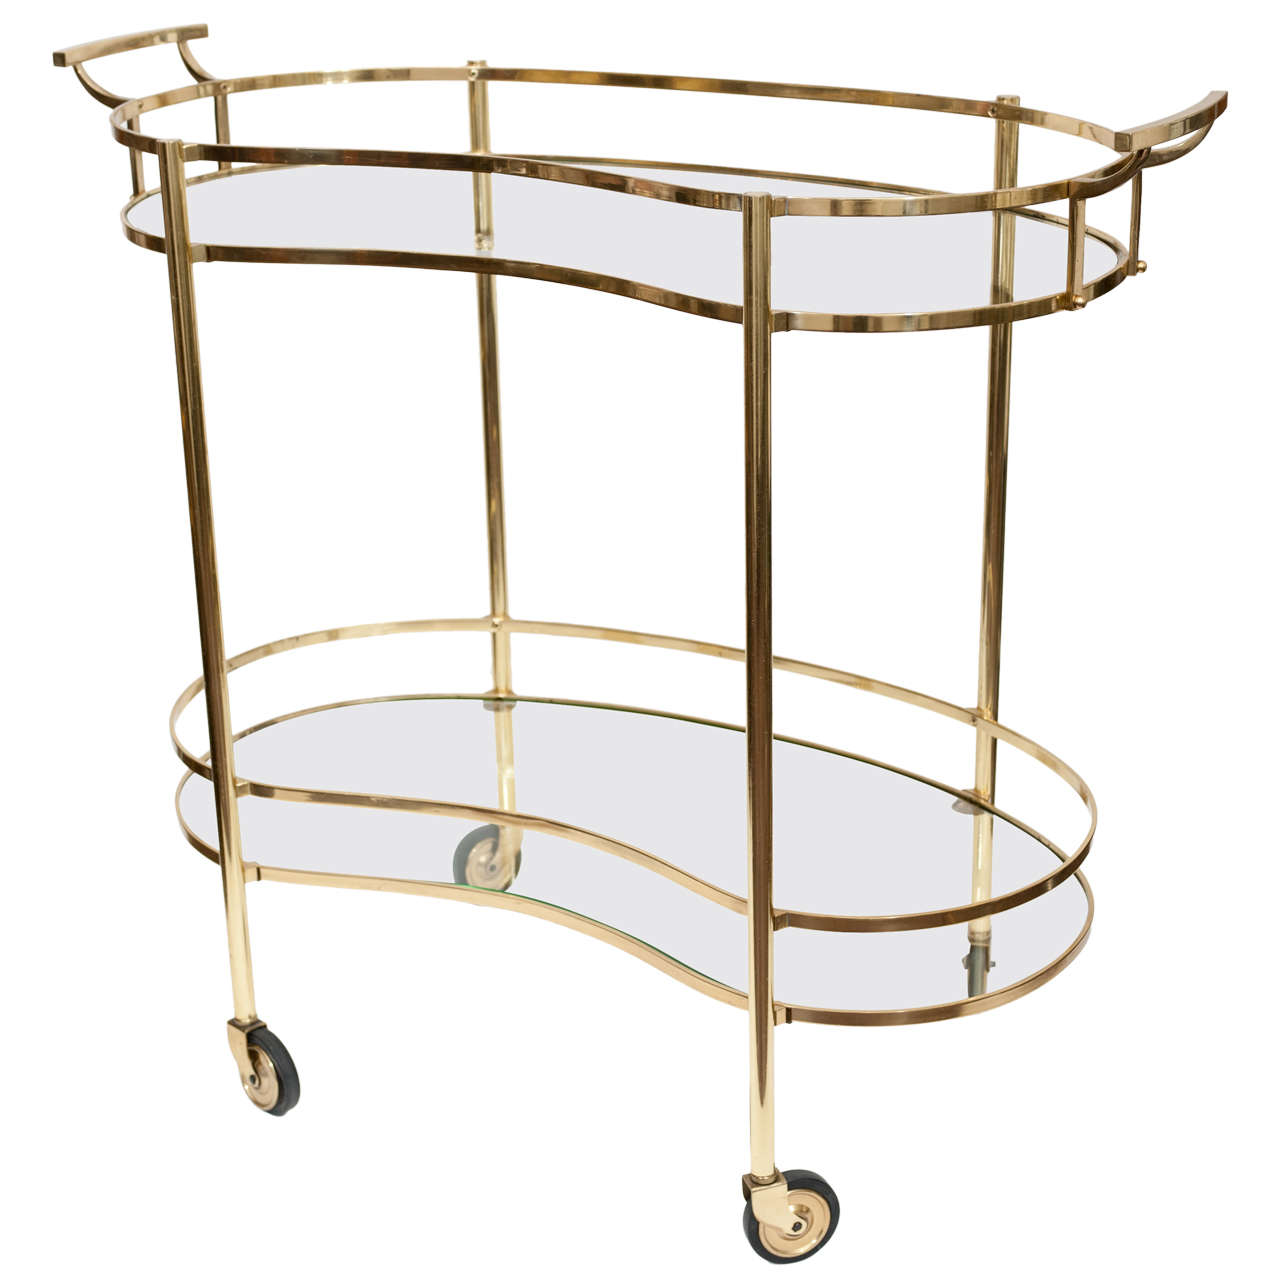 Art Deco Style Brass Bar Cart At 1stdibs